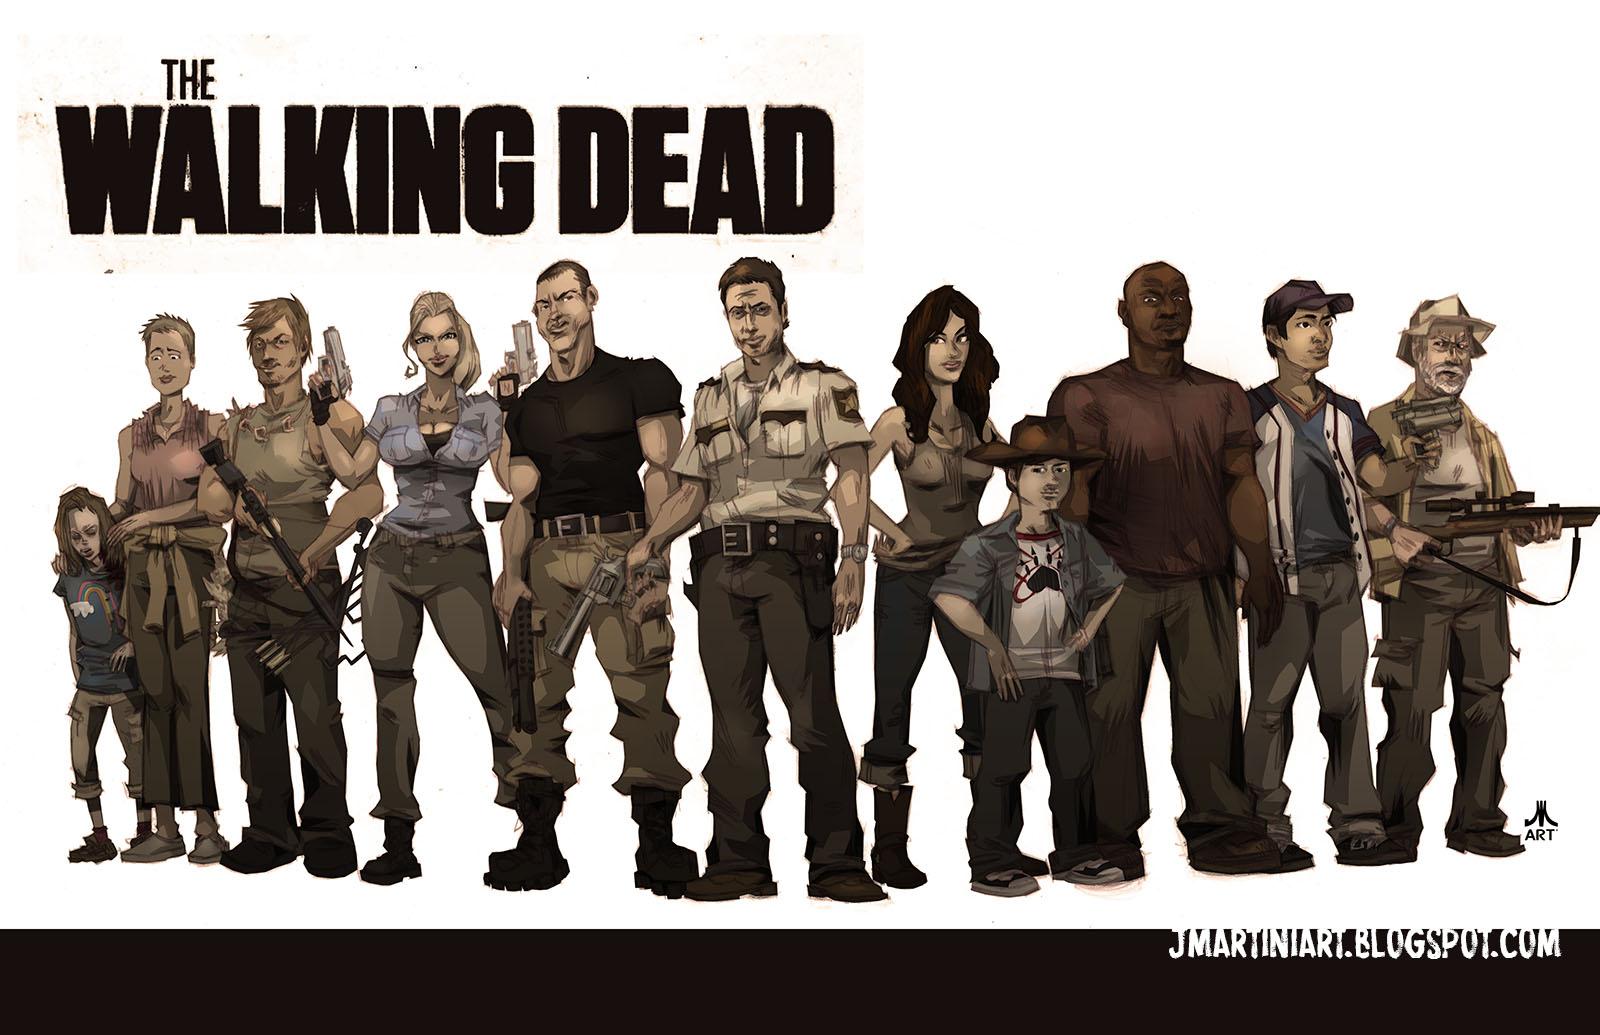 walking dead game season 1 cast